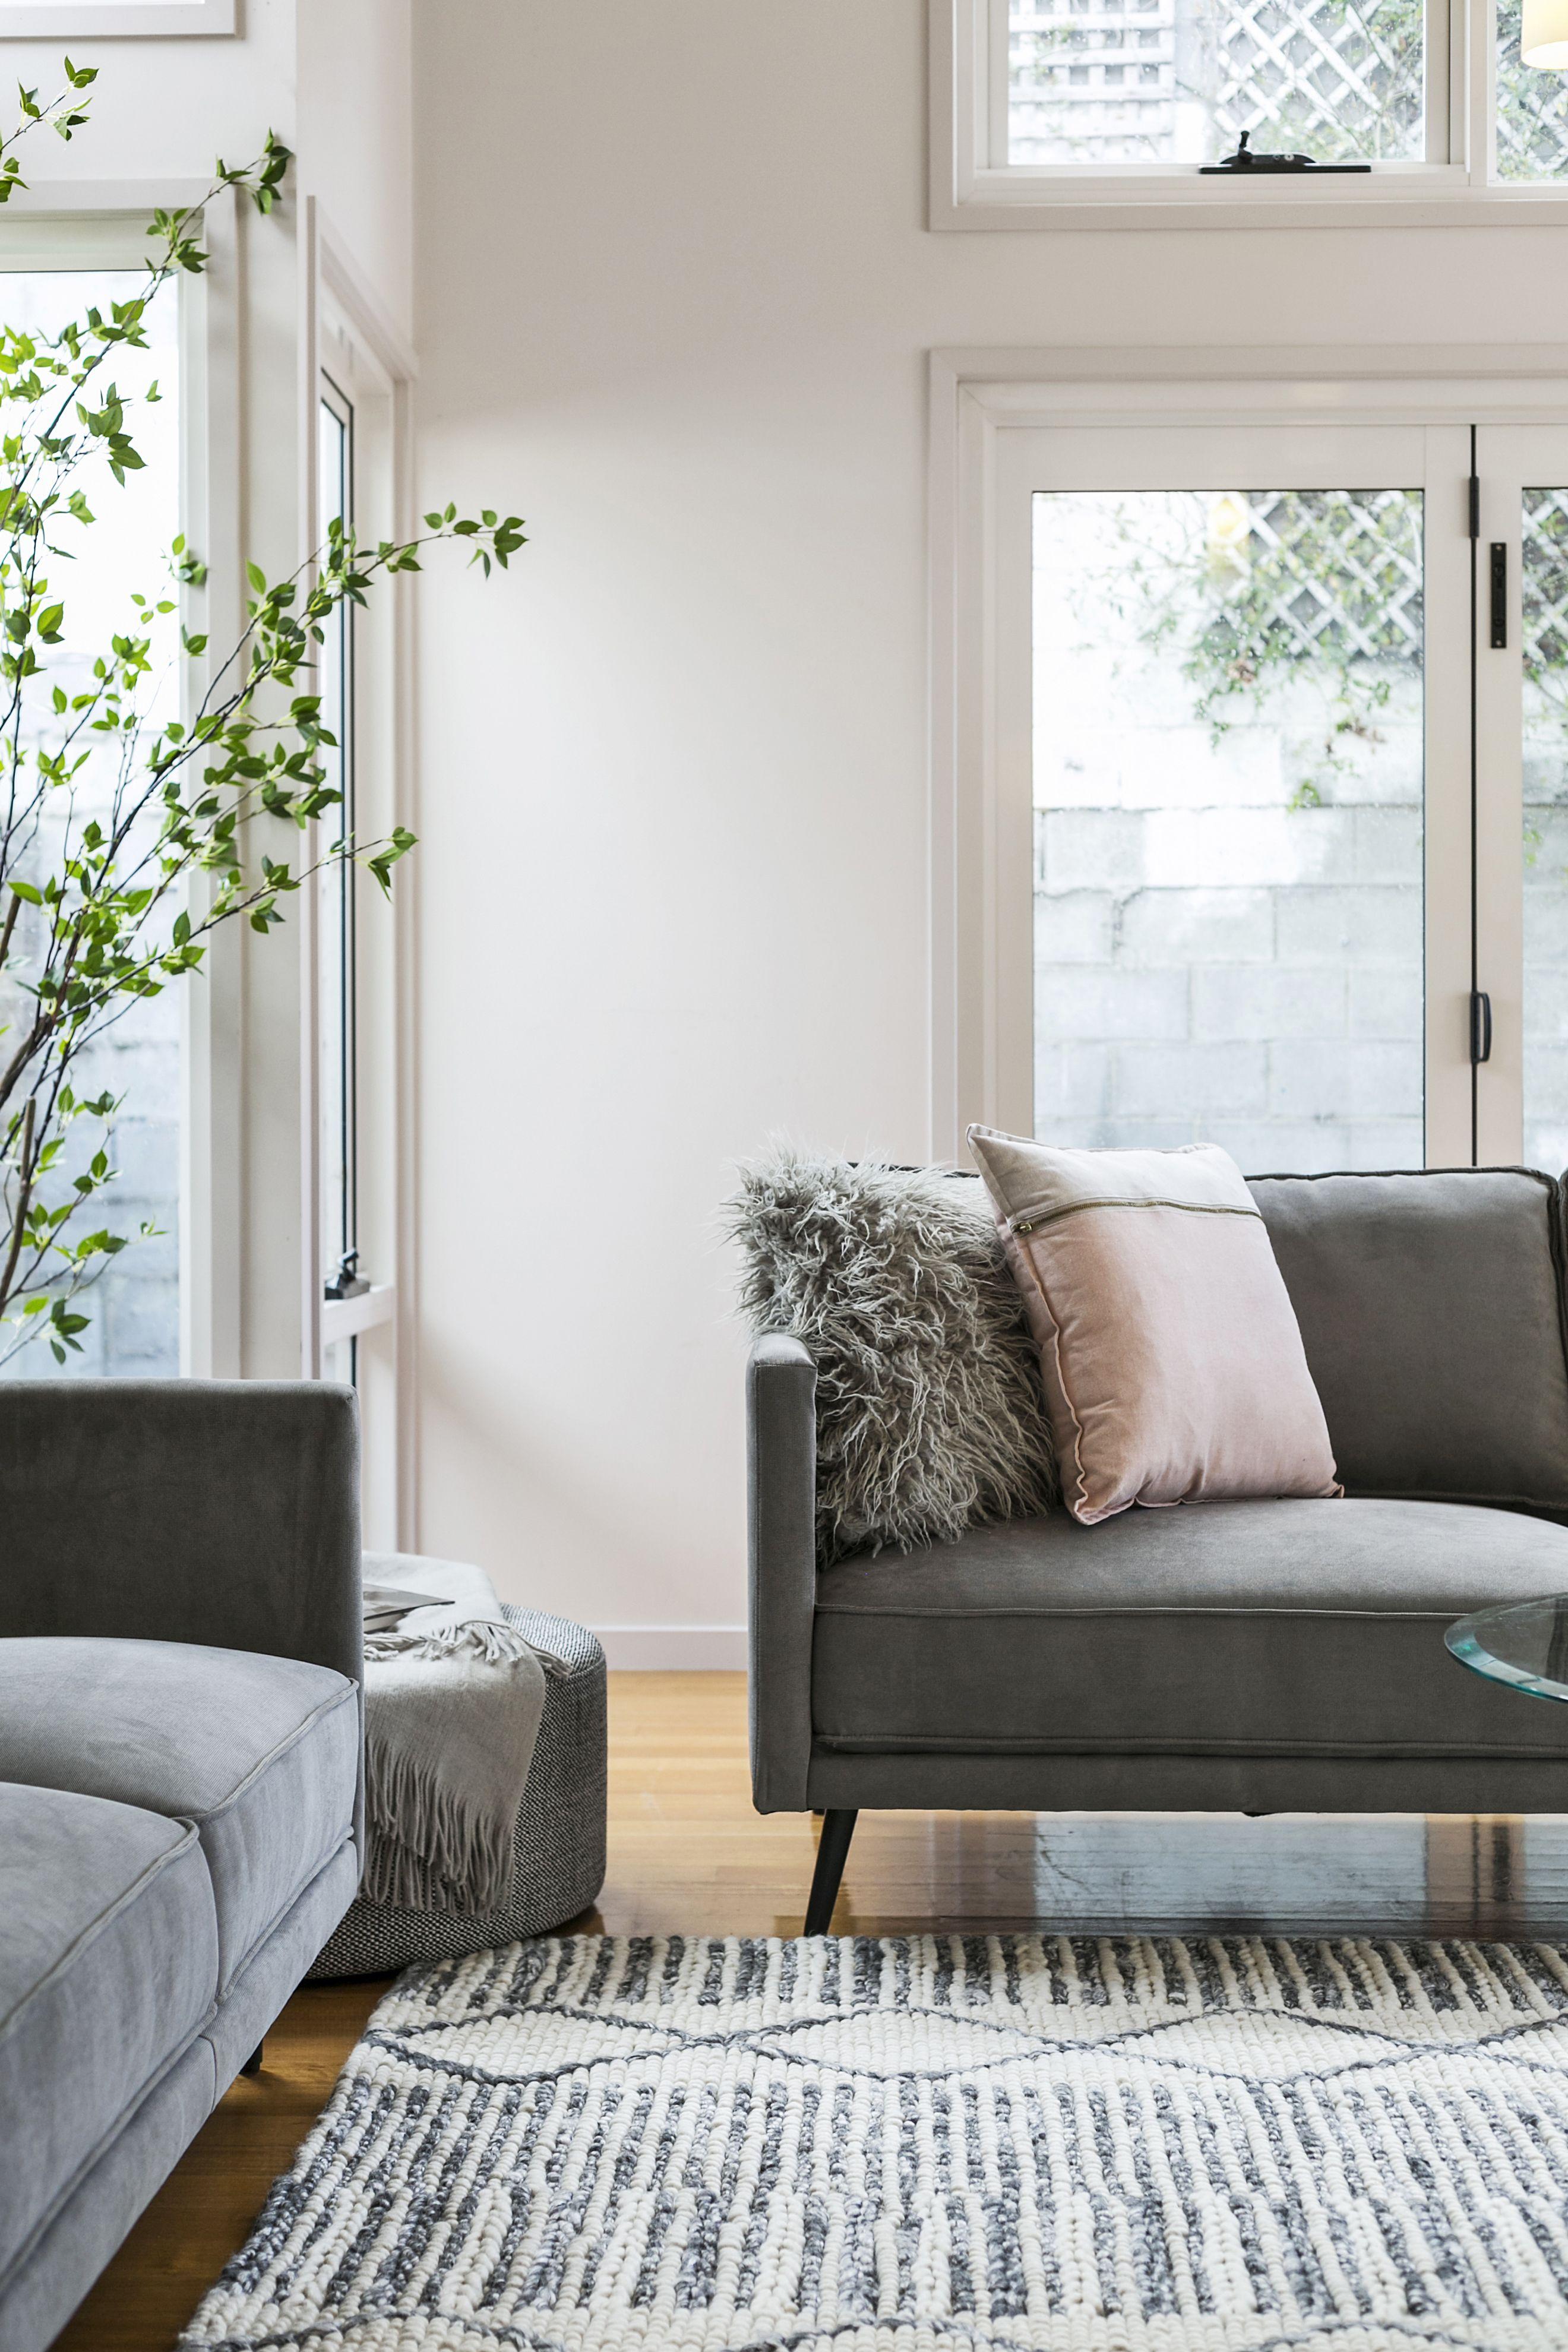 Grey Sofa With Pink Cushions Textured Floor Rug Polished Floor Boards Plants Add Life Grey Sofa Living Room Home Living Room Living Room Sofa